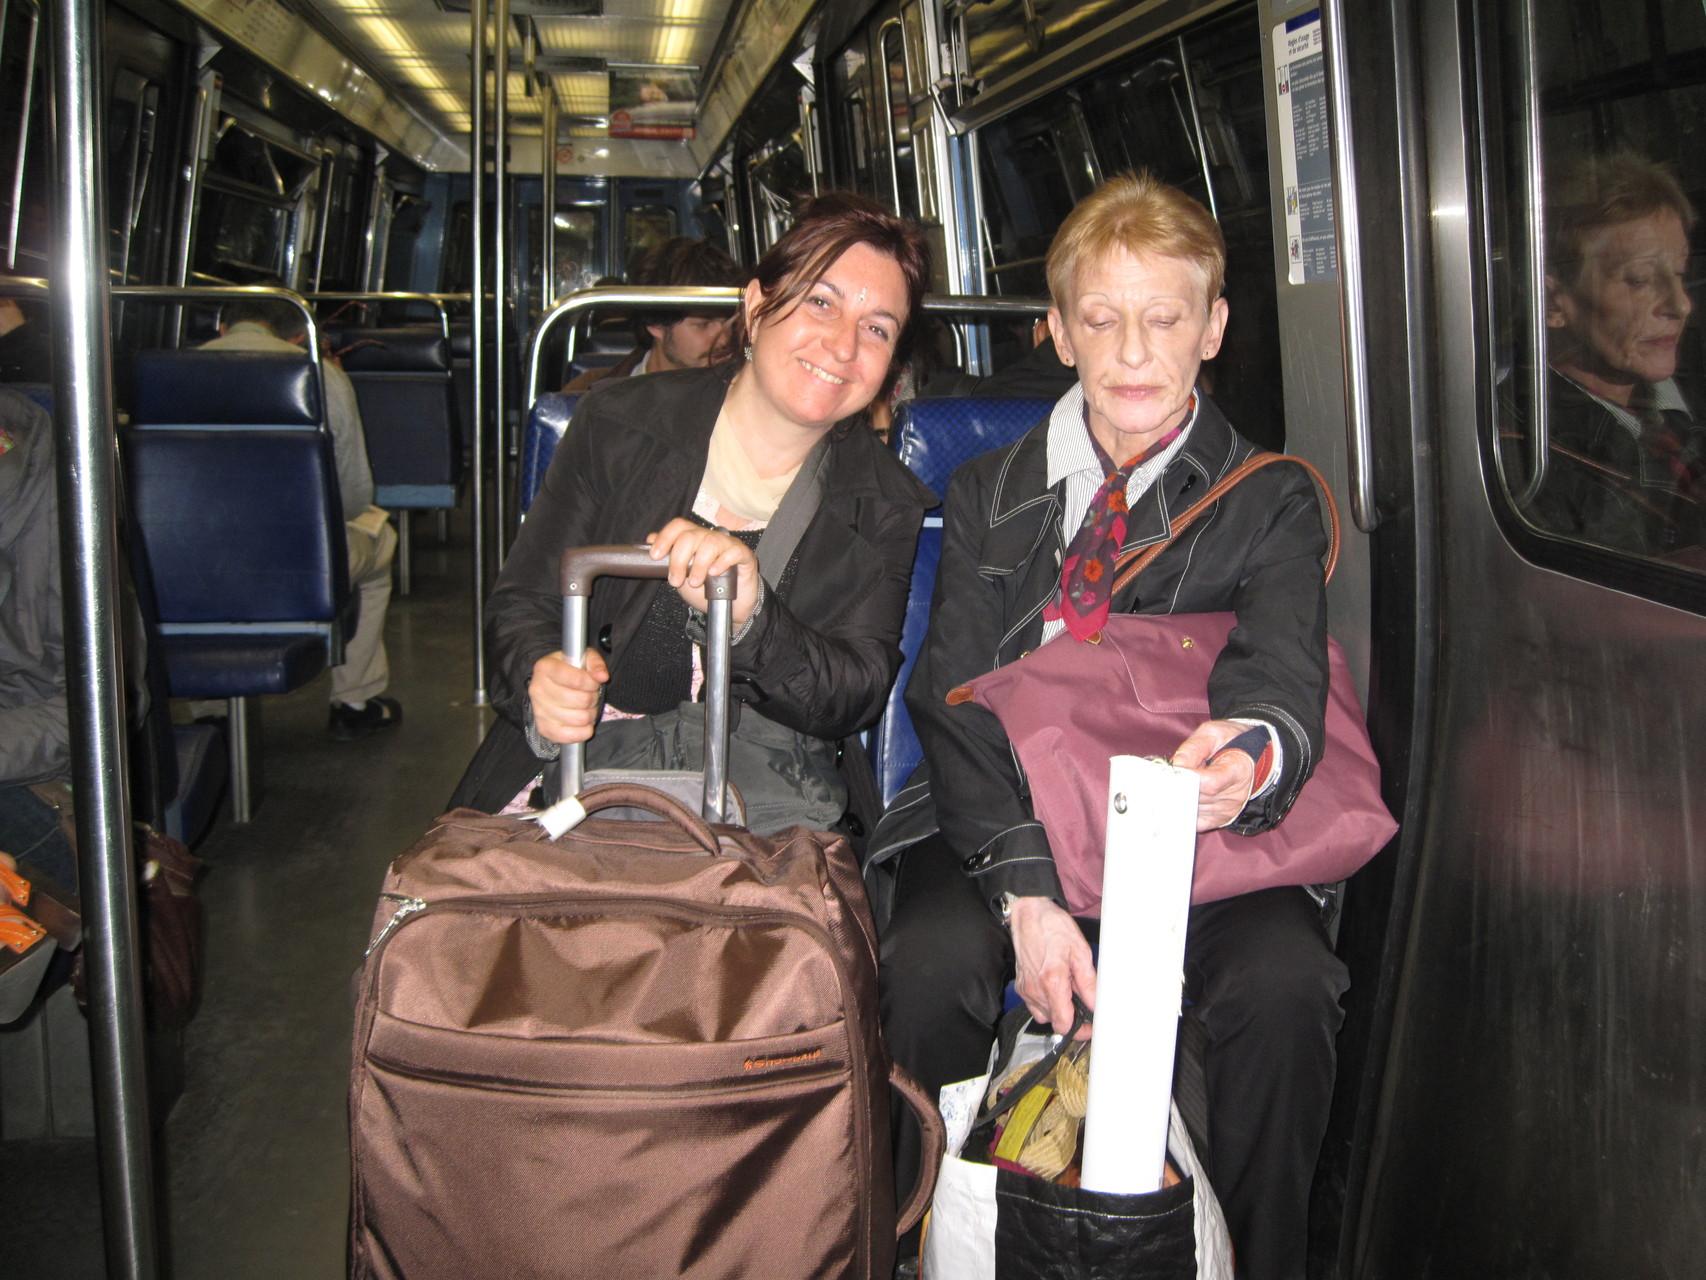 2012 - La journée est finie, nous avons fait de belles rencontres. Le métro nous ramène à la maison.